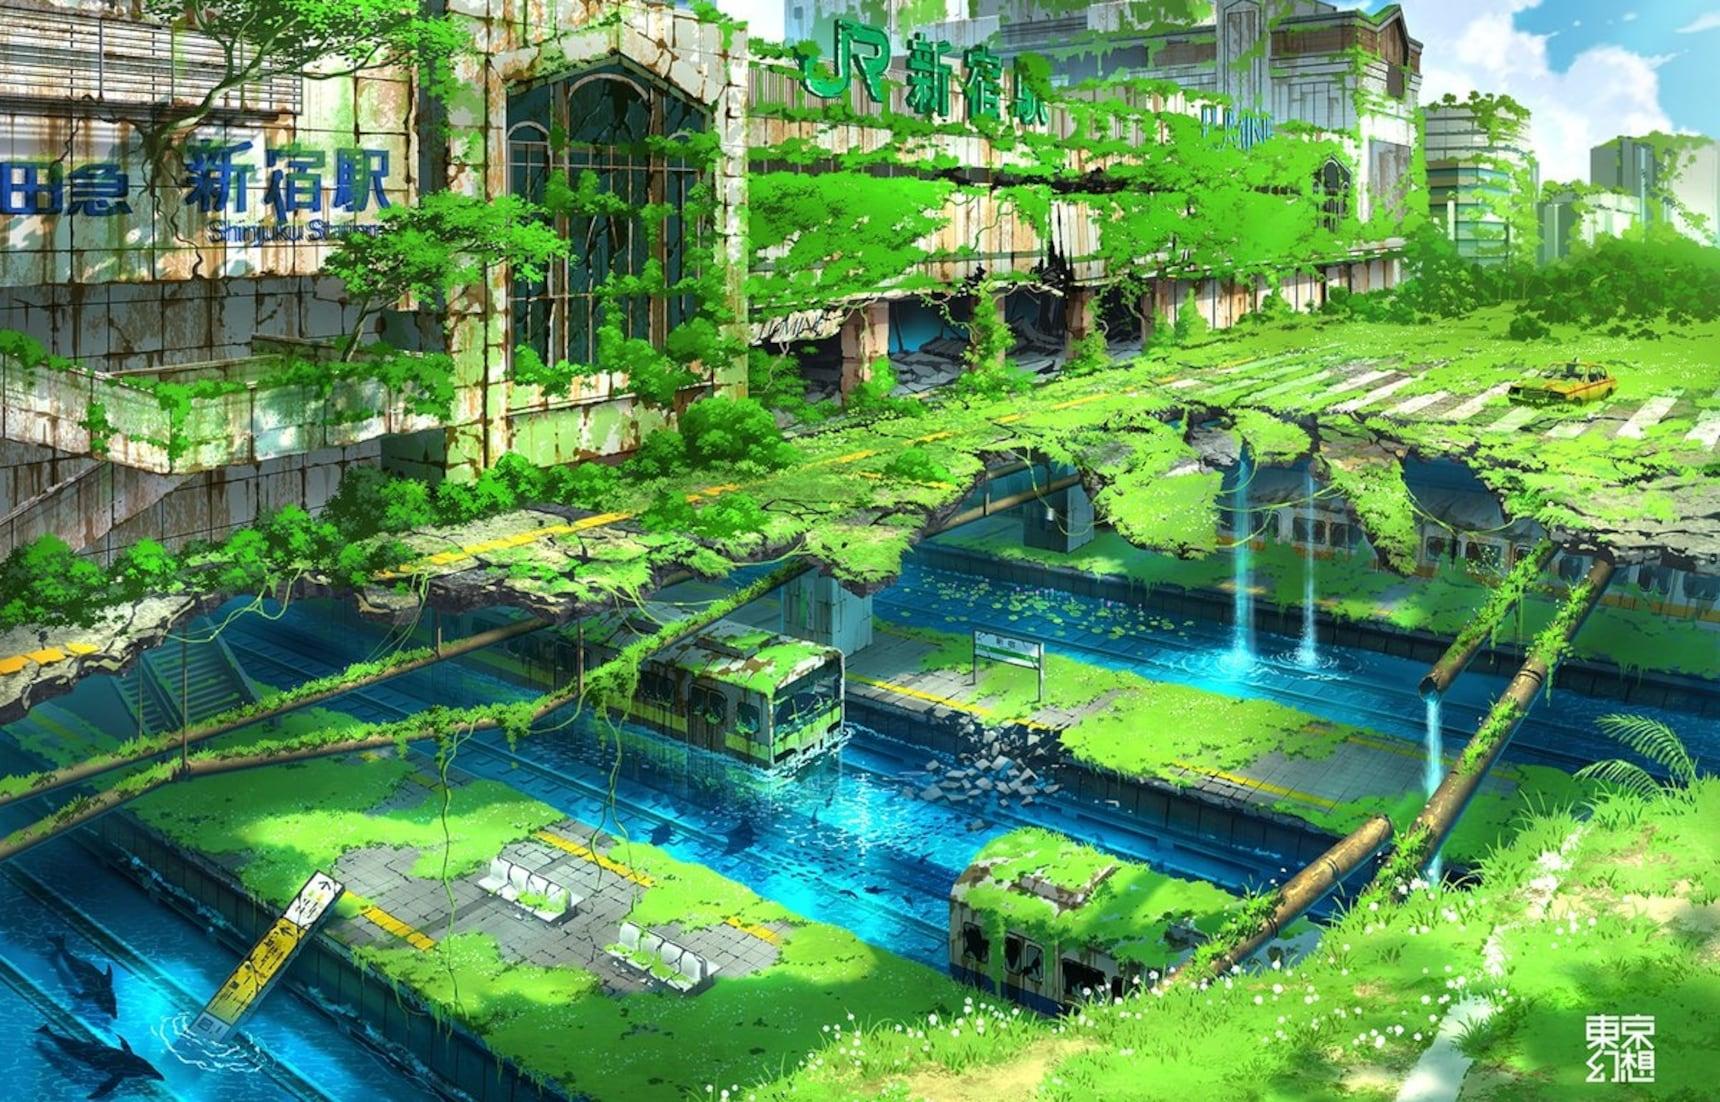 Eerily Awesome Post-Apocalyptic Art of Tokyo